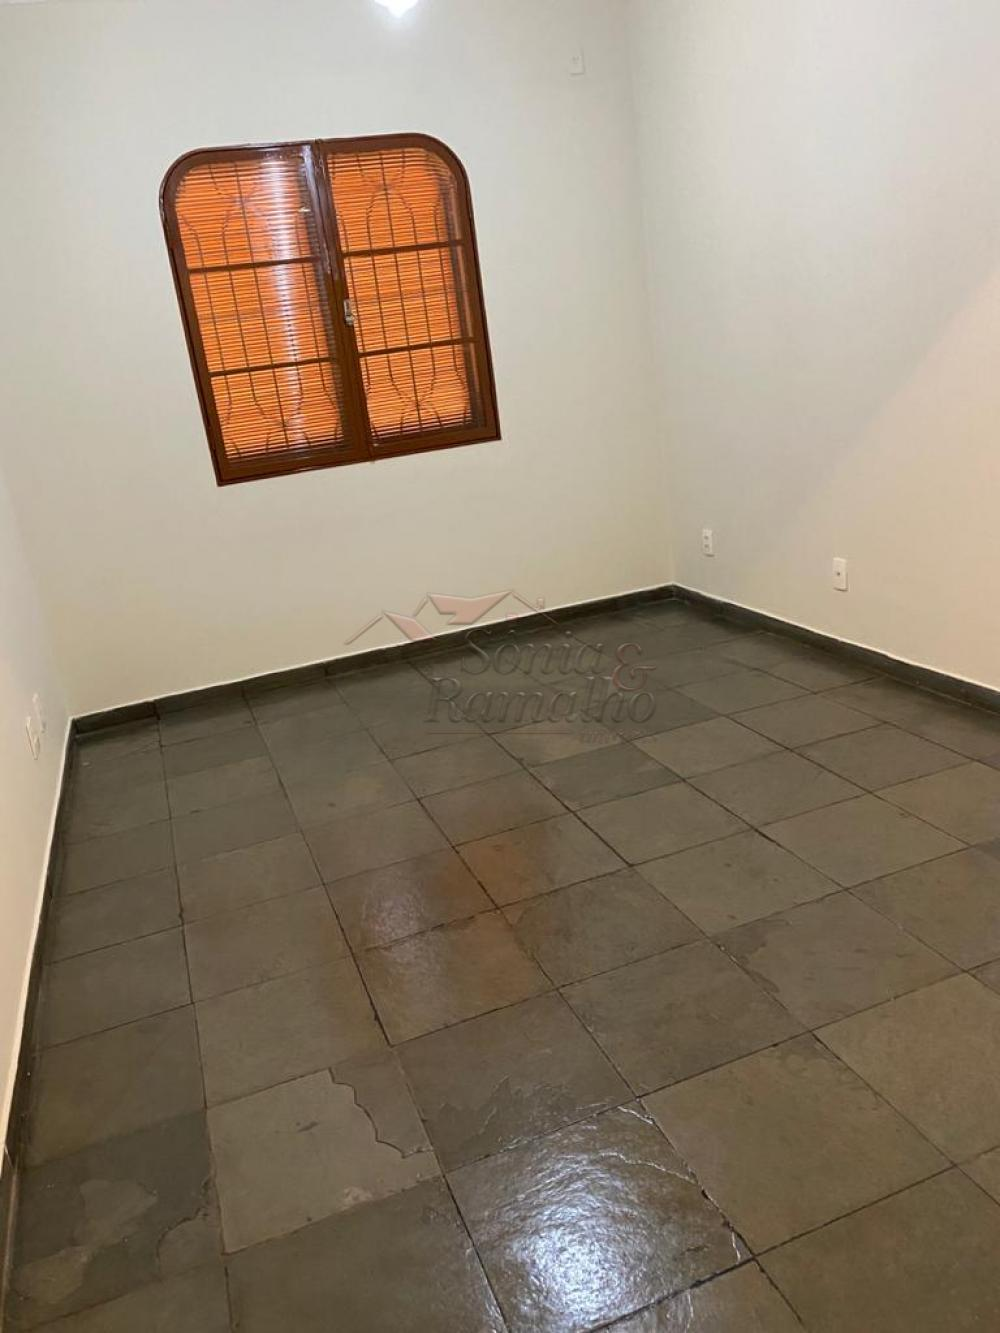 Alugar Comercial / Sala comercial em Ribeirão Preto apenas R$ 5.000,00 - Foto 4